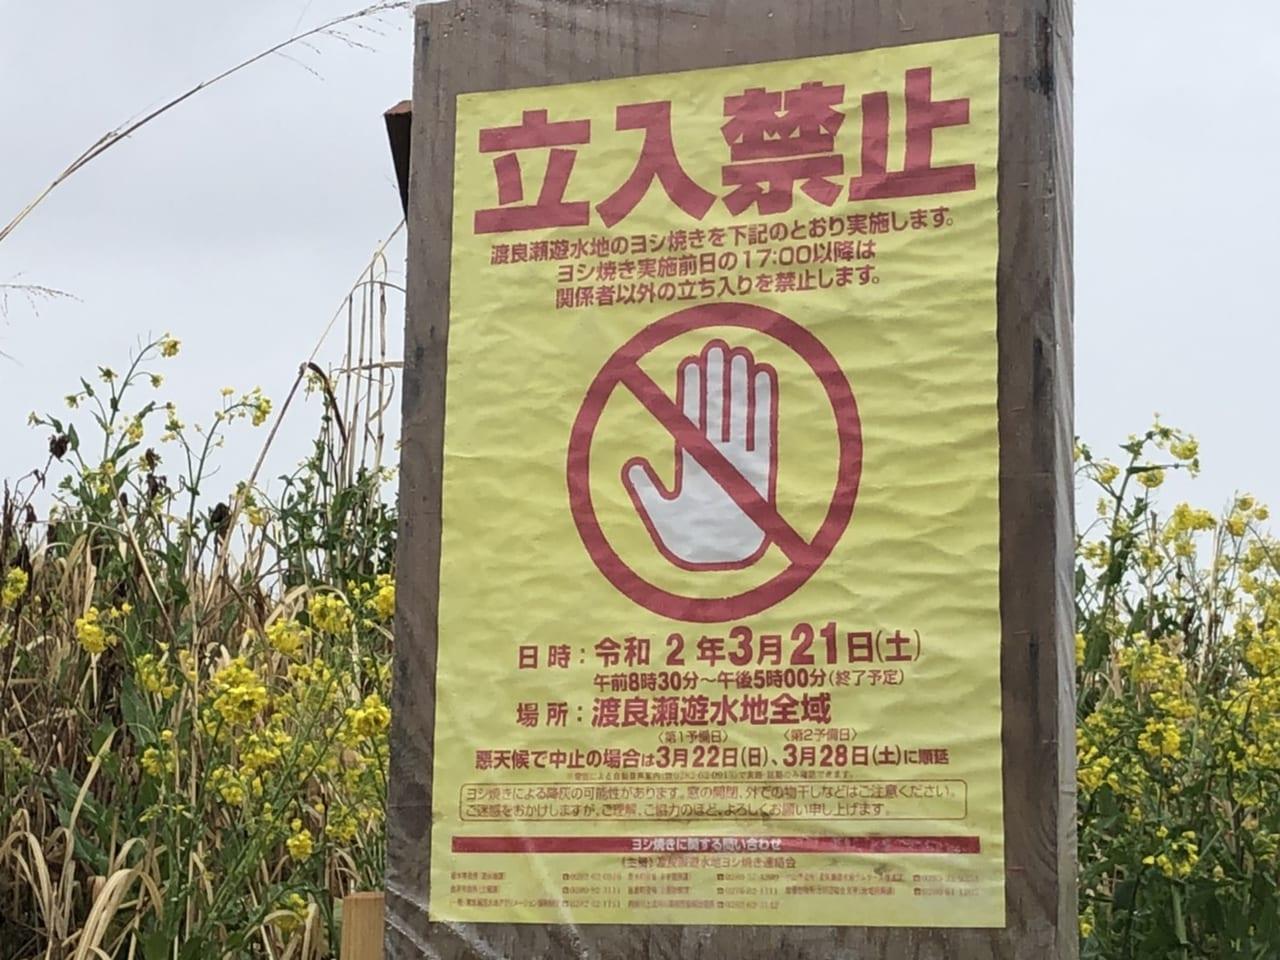 渡良瀬遊水地ヨシ焼き期間中立入禁止